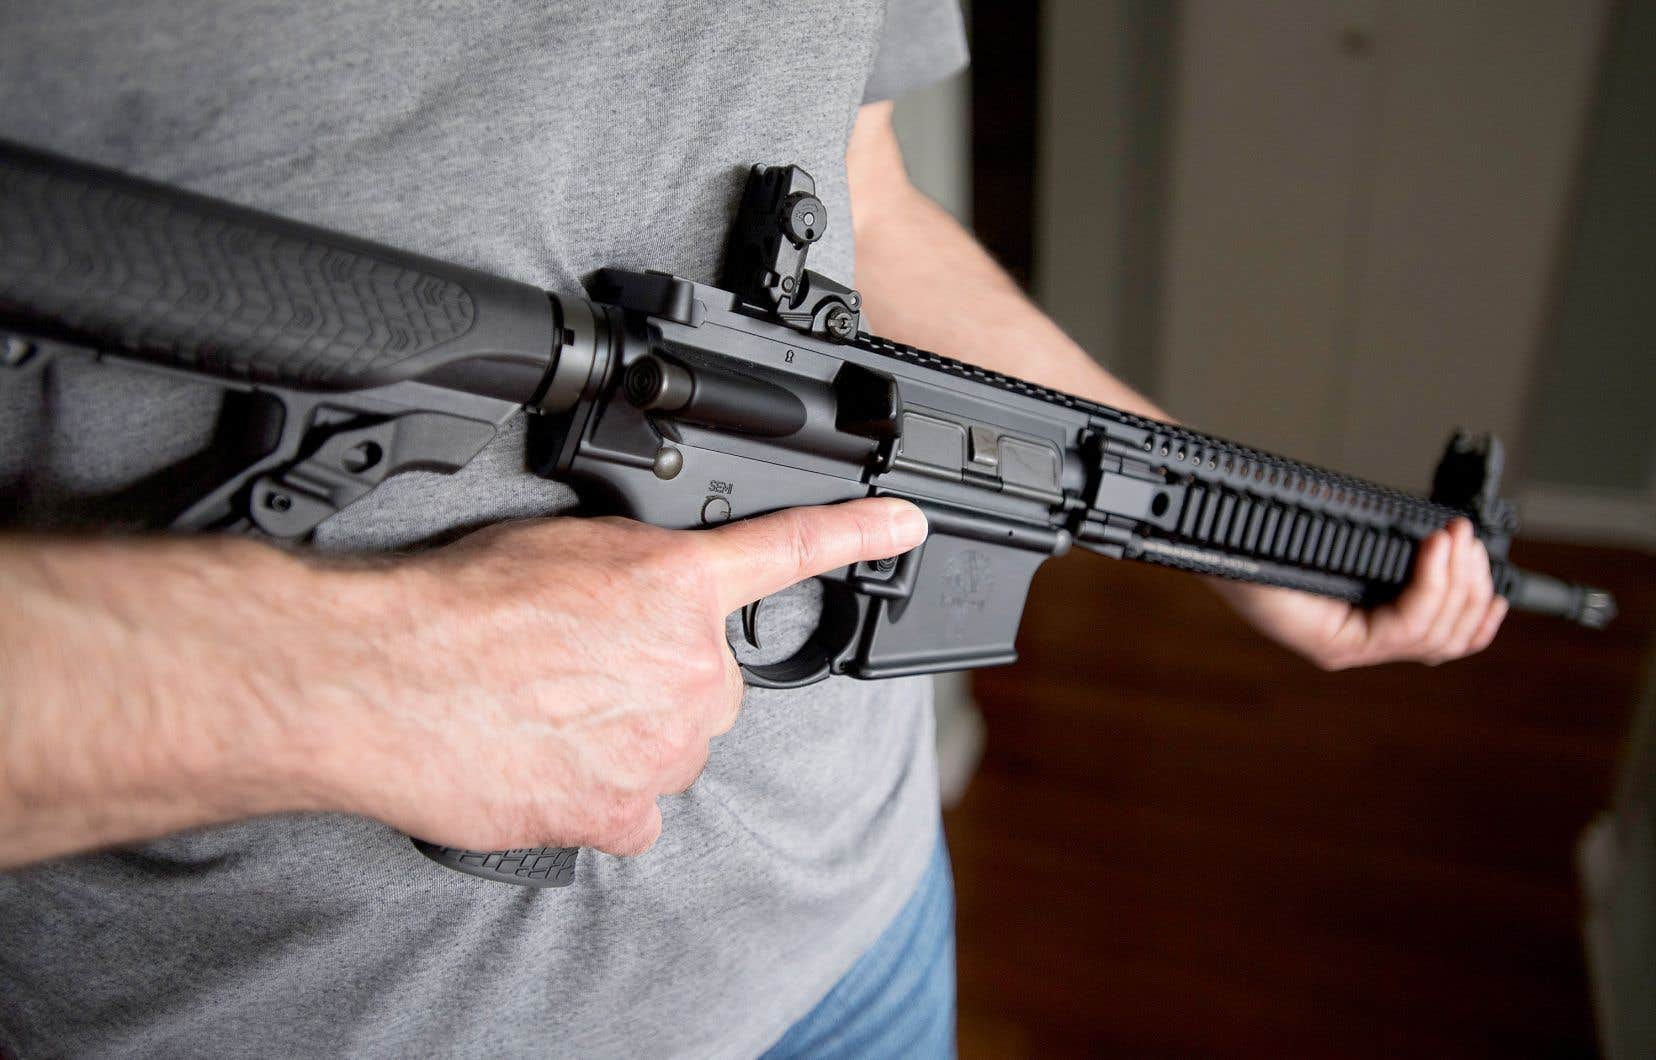 Le tueur de la fusillade au collège Dawson possédait légalement un Beretta CX4 Storm, qu'il était muni d'un chargeur de dix balles et d'une arme de poing, également légale.